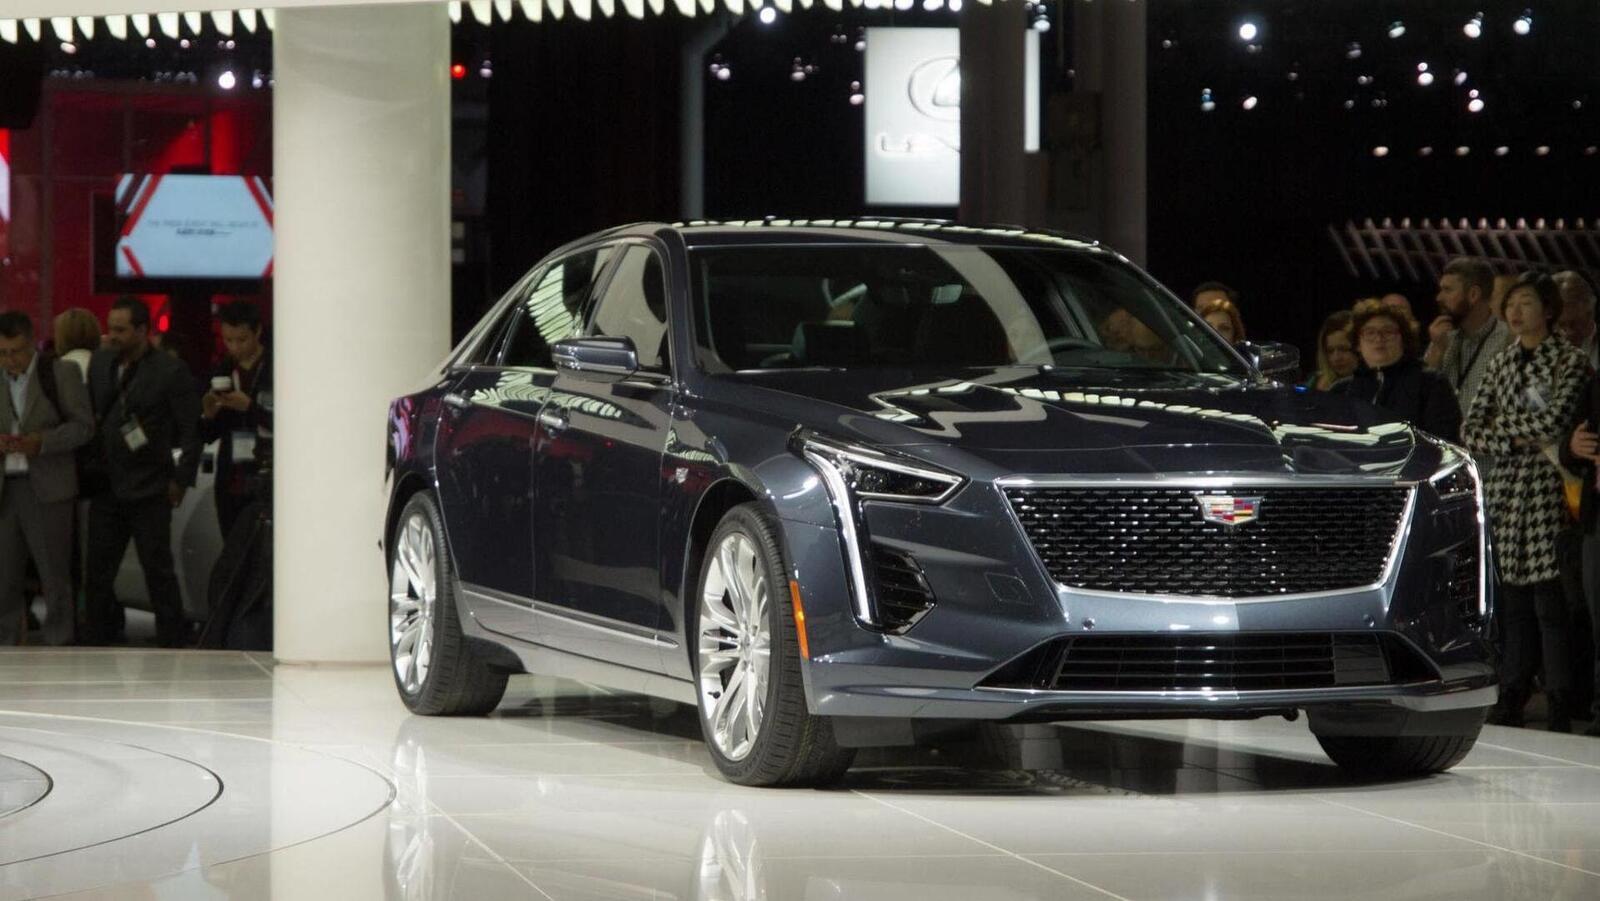 Cadillac mang CT6 V-Sport 2019 đến triển lãm ô tô New York 2018 - Hình 2